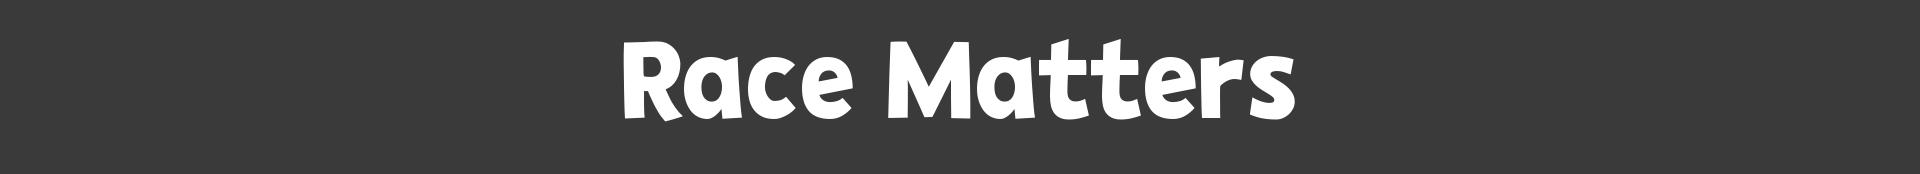 race matters banner